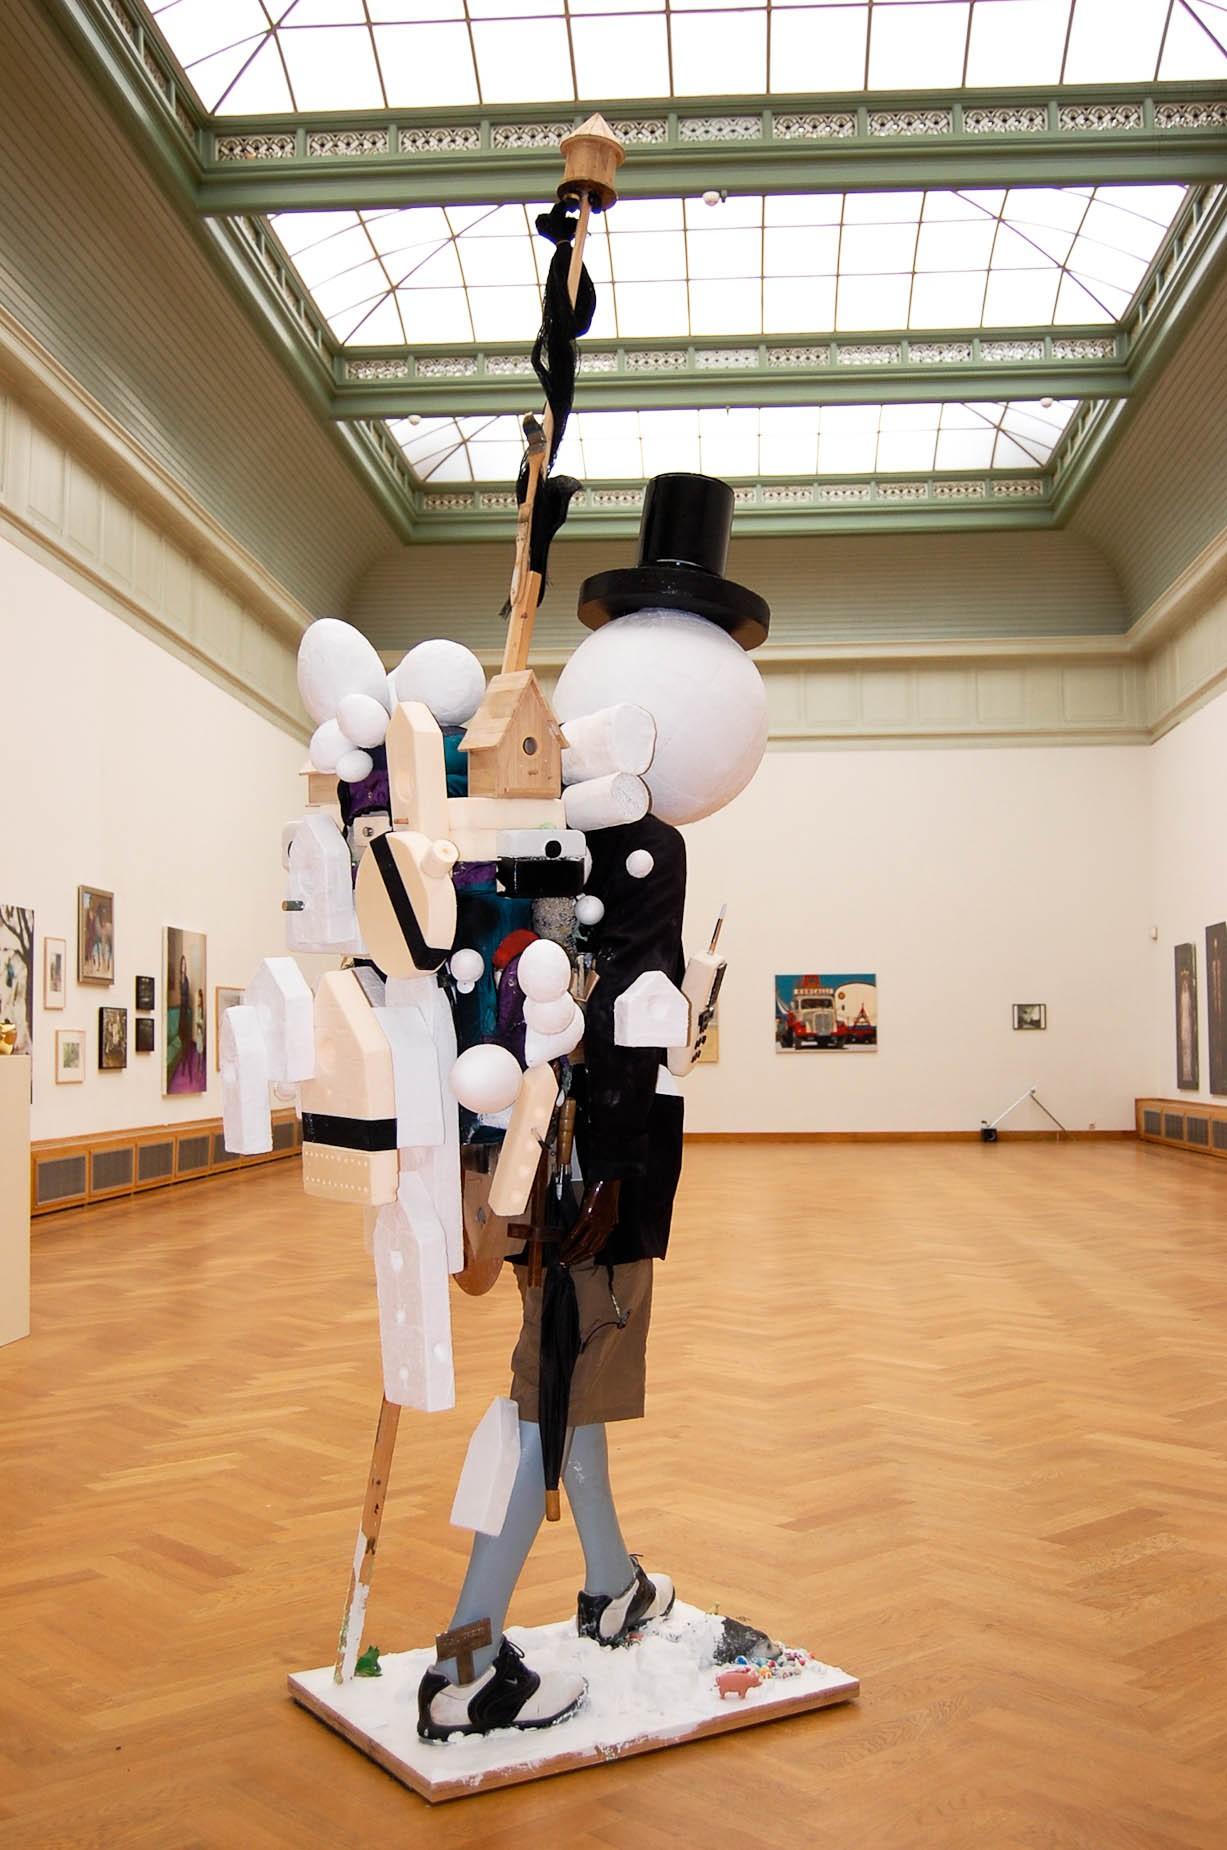 itund, artist, sculpture